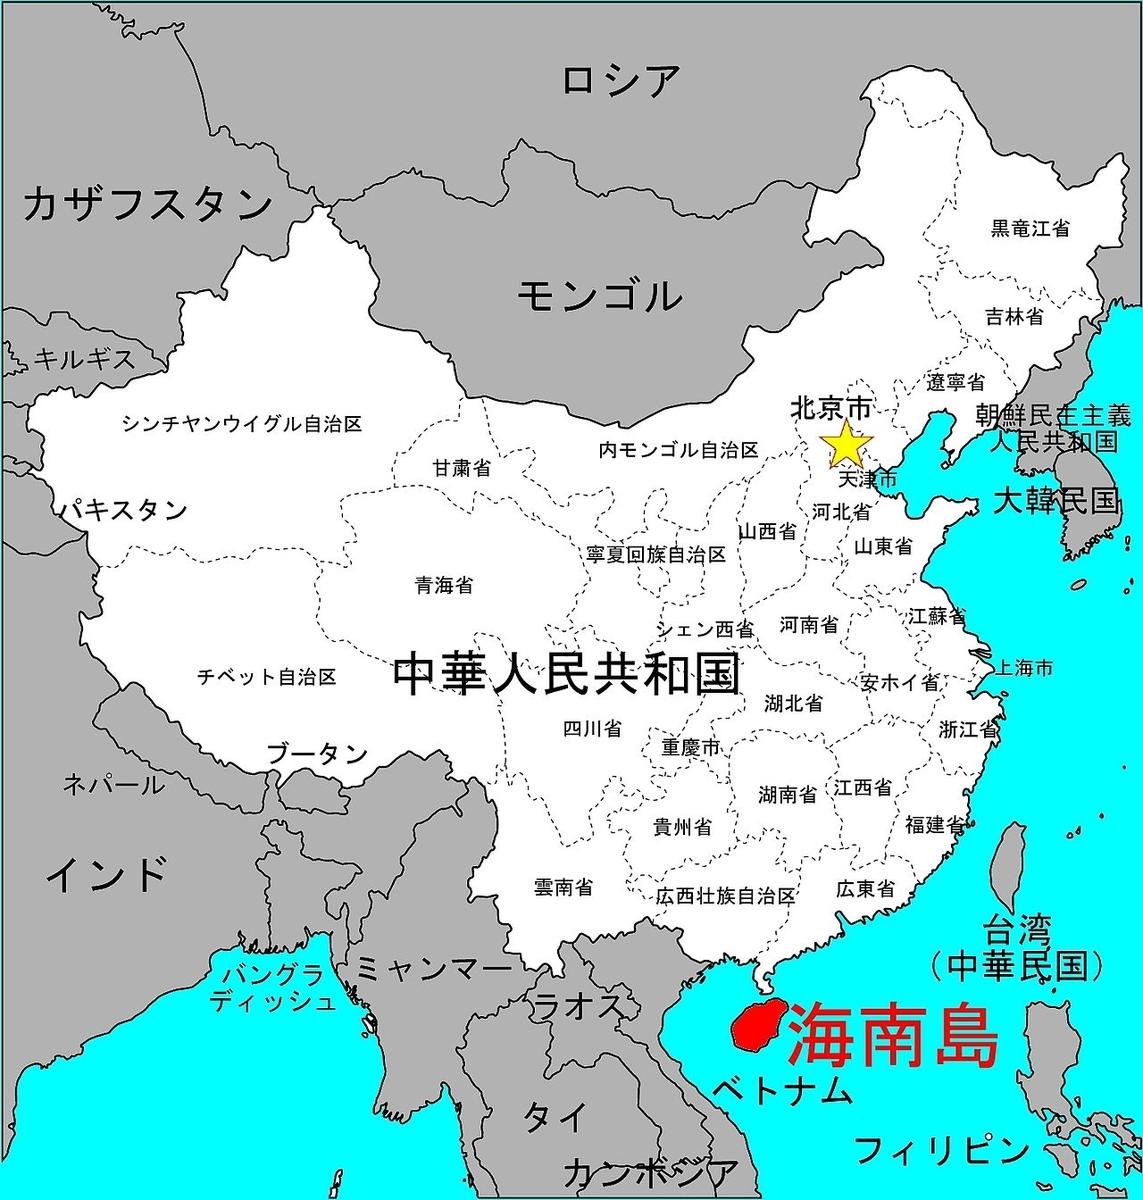 f:id:suguru_125:20200713131922j:plain